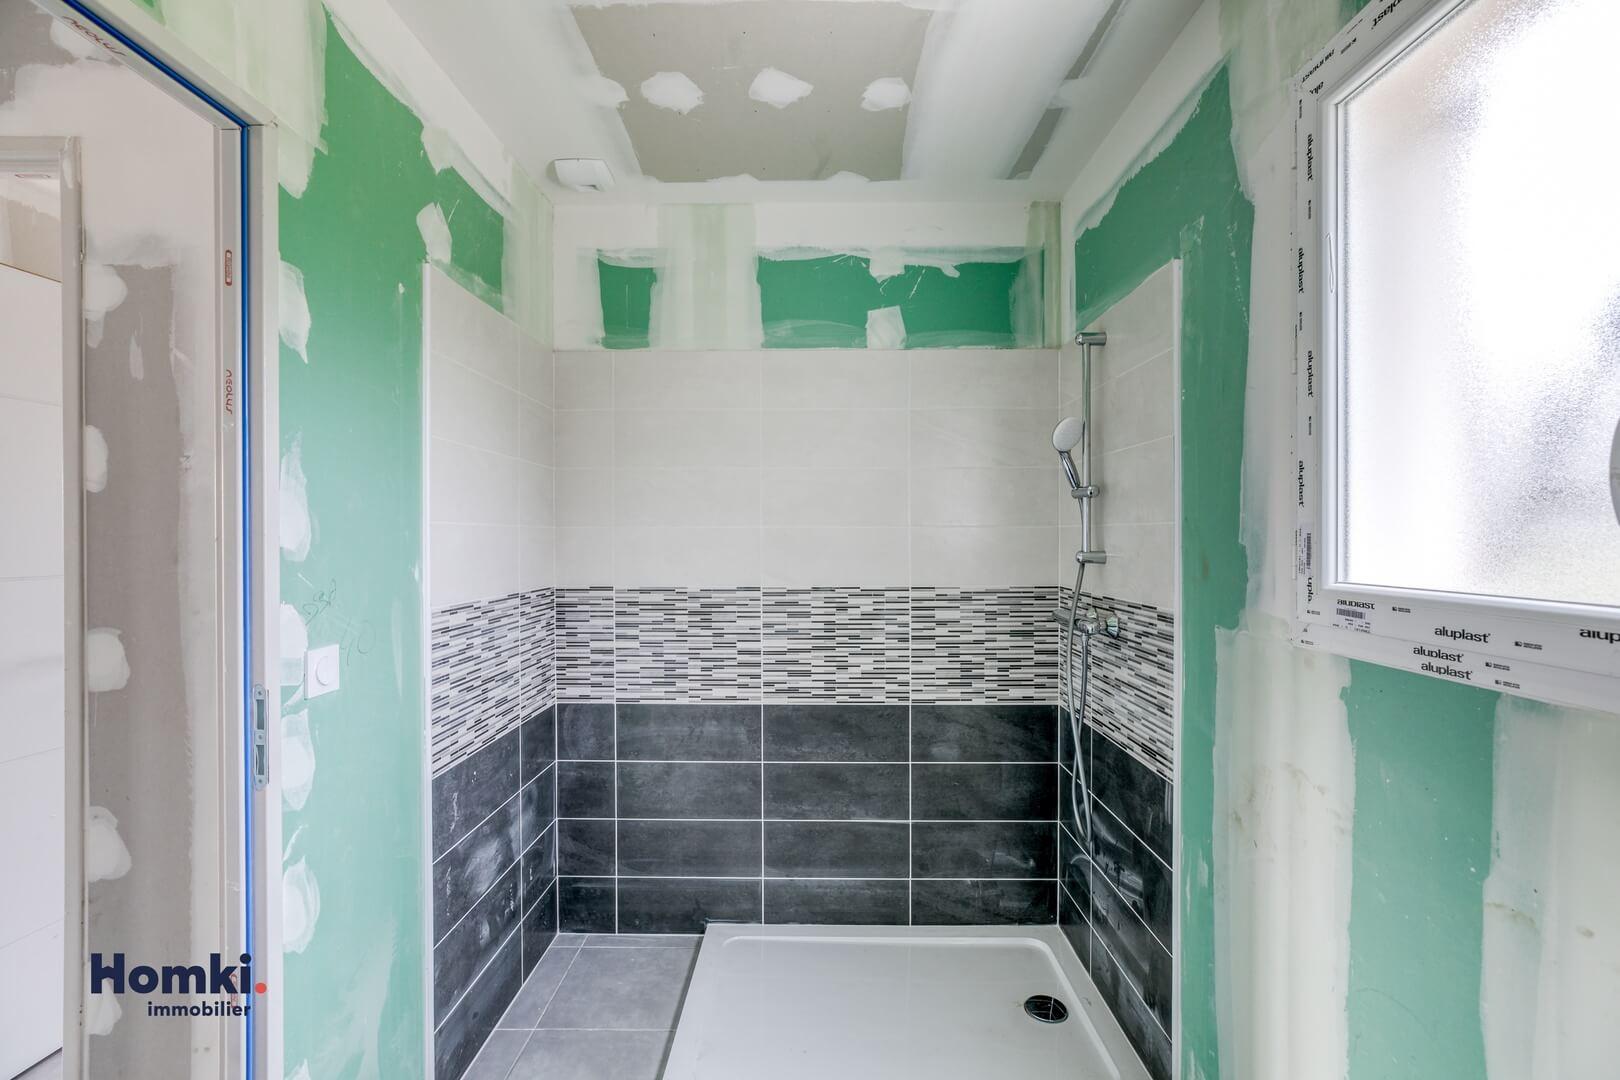 Homki - Vente maison/villa  de 105.0 m² à Le Caylar 34520